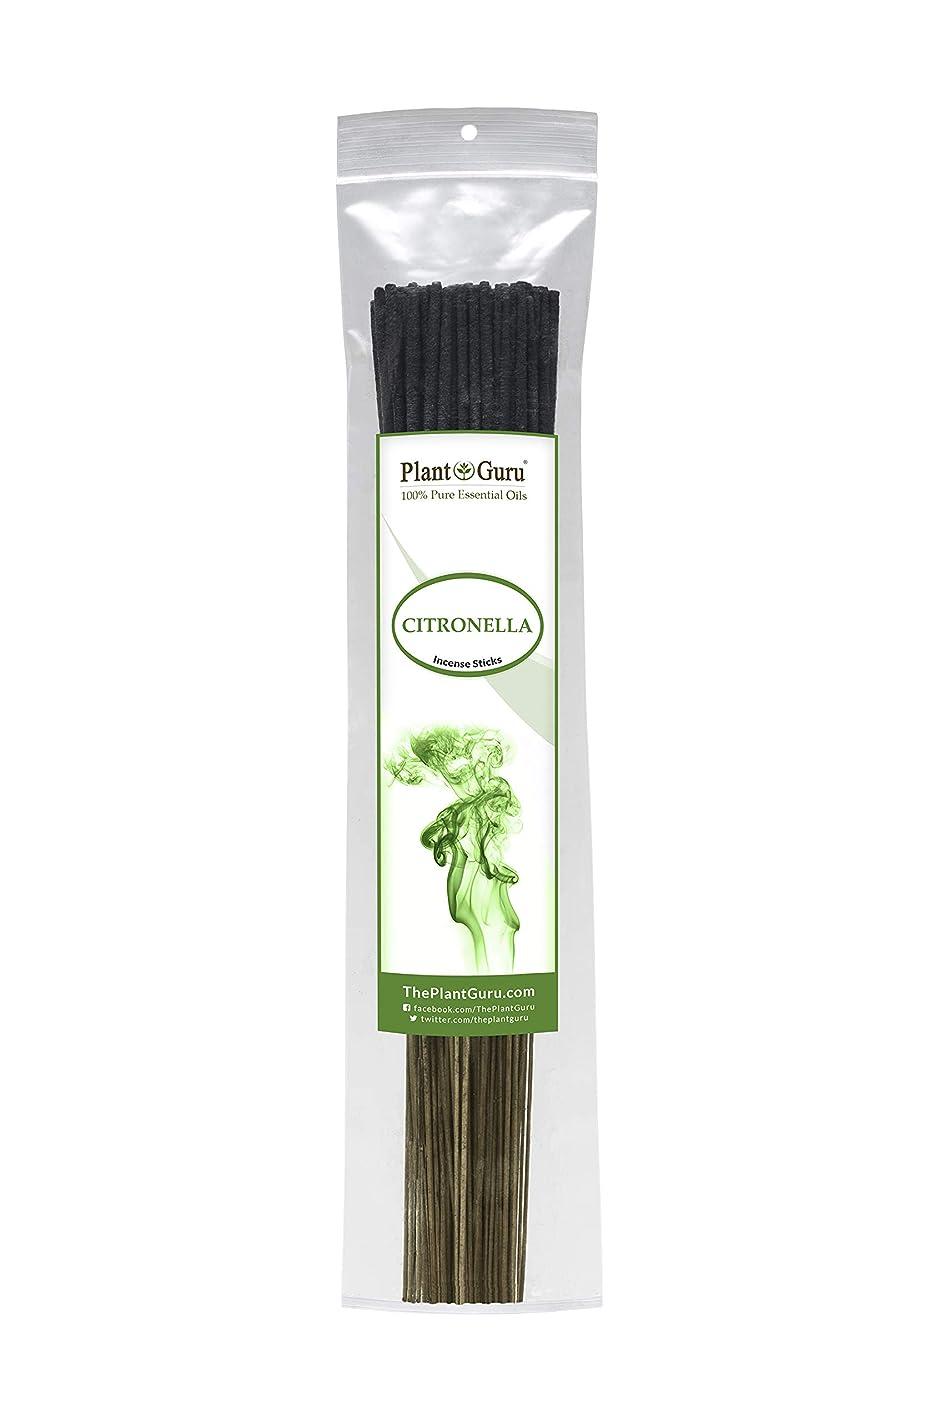 連想温度計遊びます植物グルシトロネラ線香 防虫剤 85~100本セット 高品質スムーズで清潔 各スティックの長さは10.5インチで燃焼時間はそれぞれ45~60分